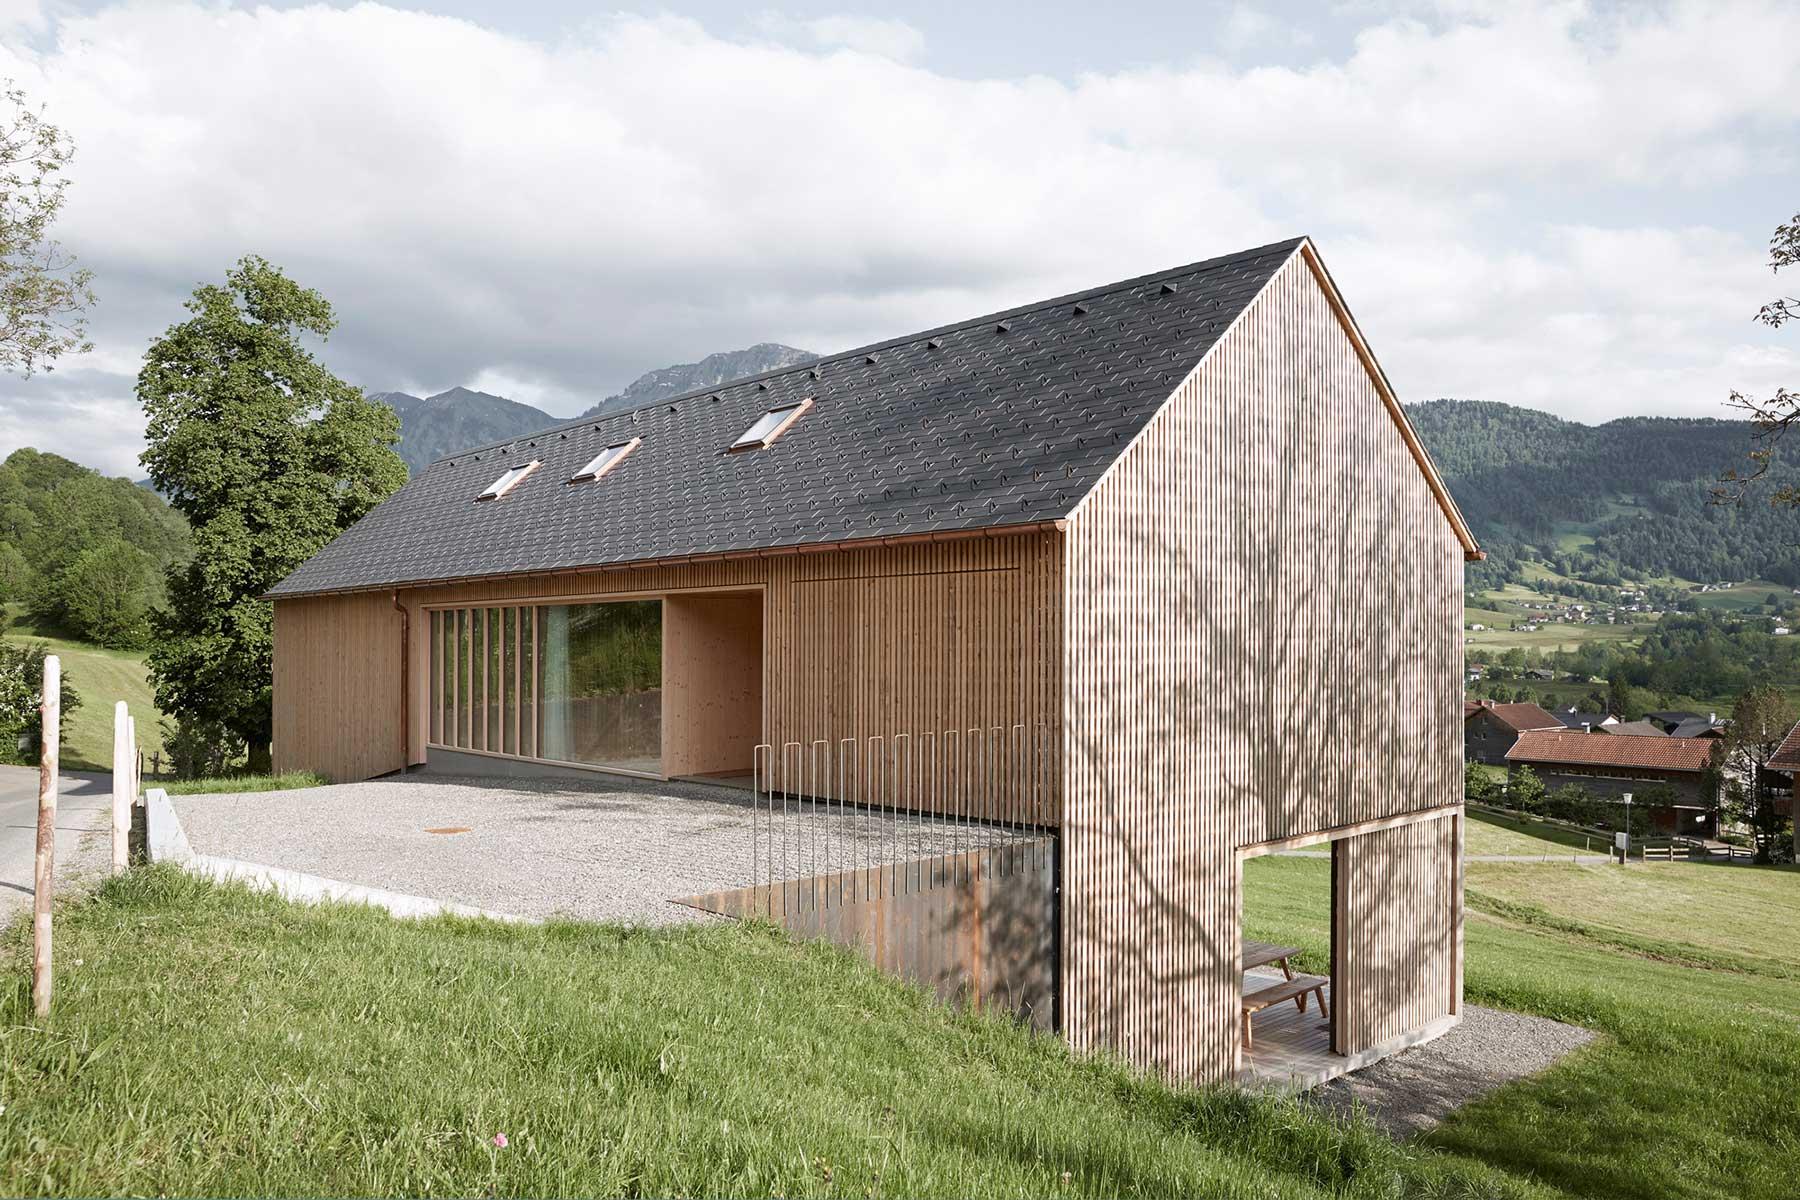 Haus für Julia und Björn – steep roofs